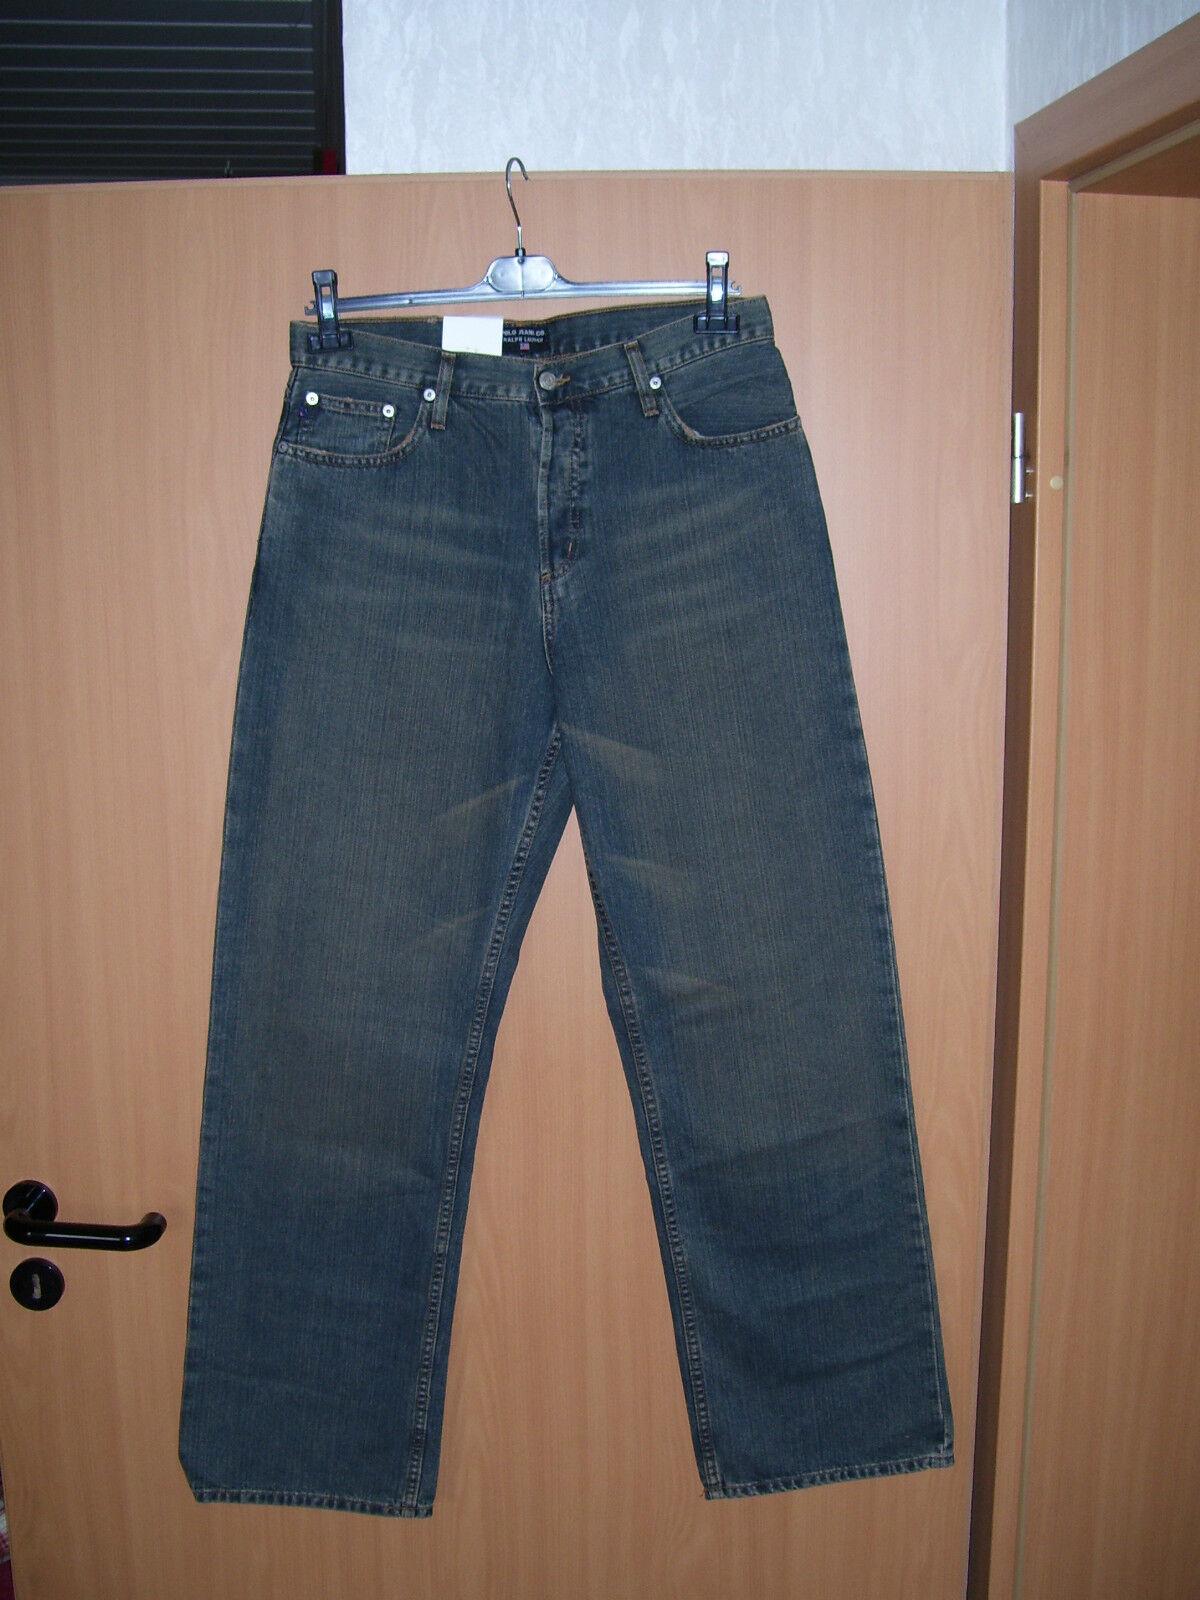 Polo by Ralph Lauren Fulton Herren Jeans Hose Knopfleiste blau W32 L32 NEU